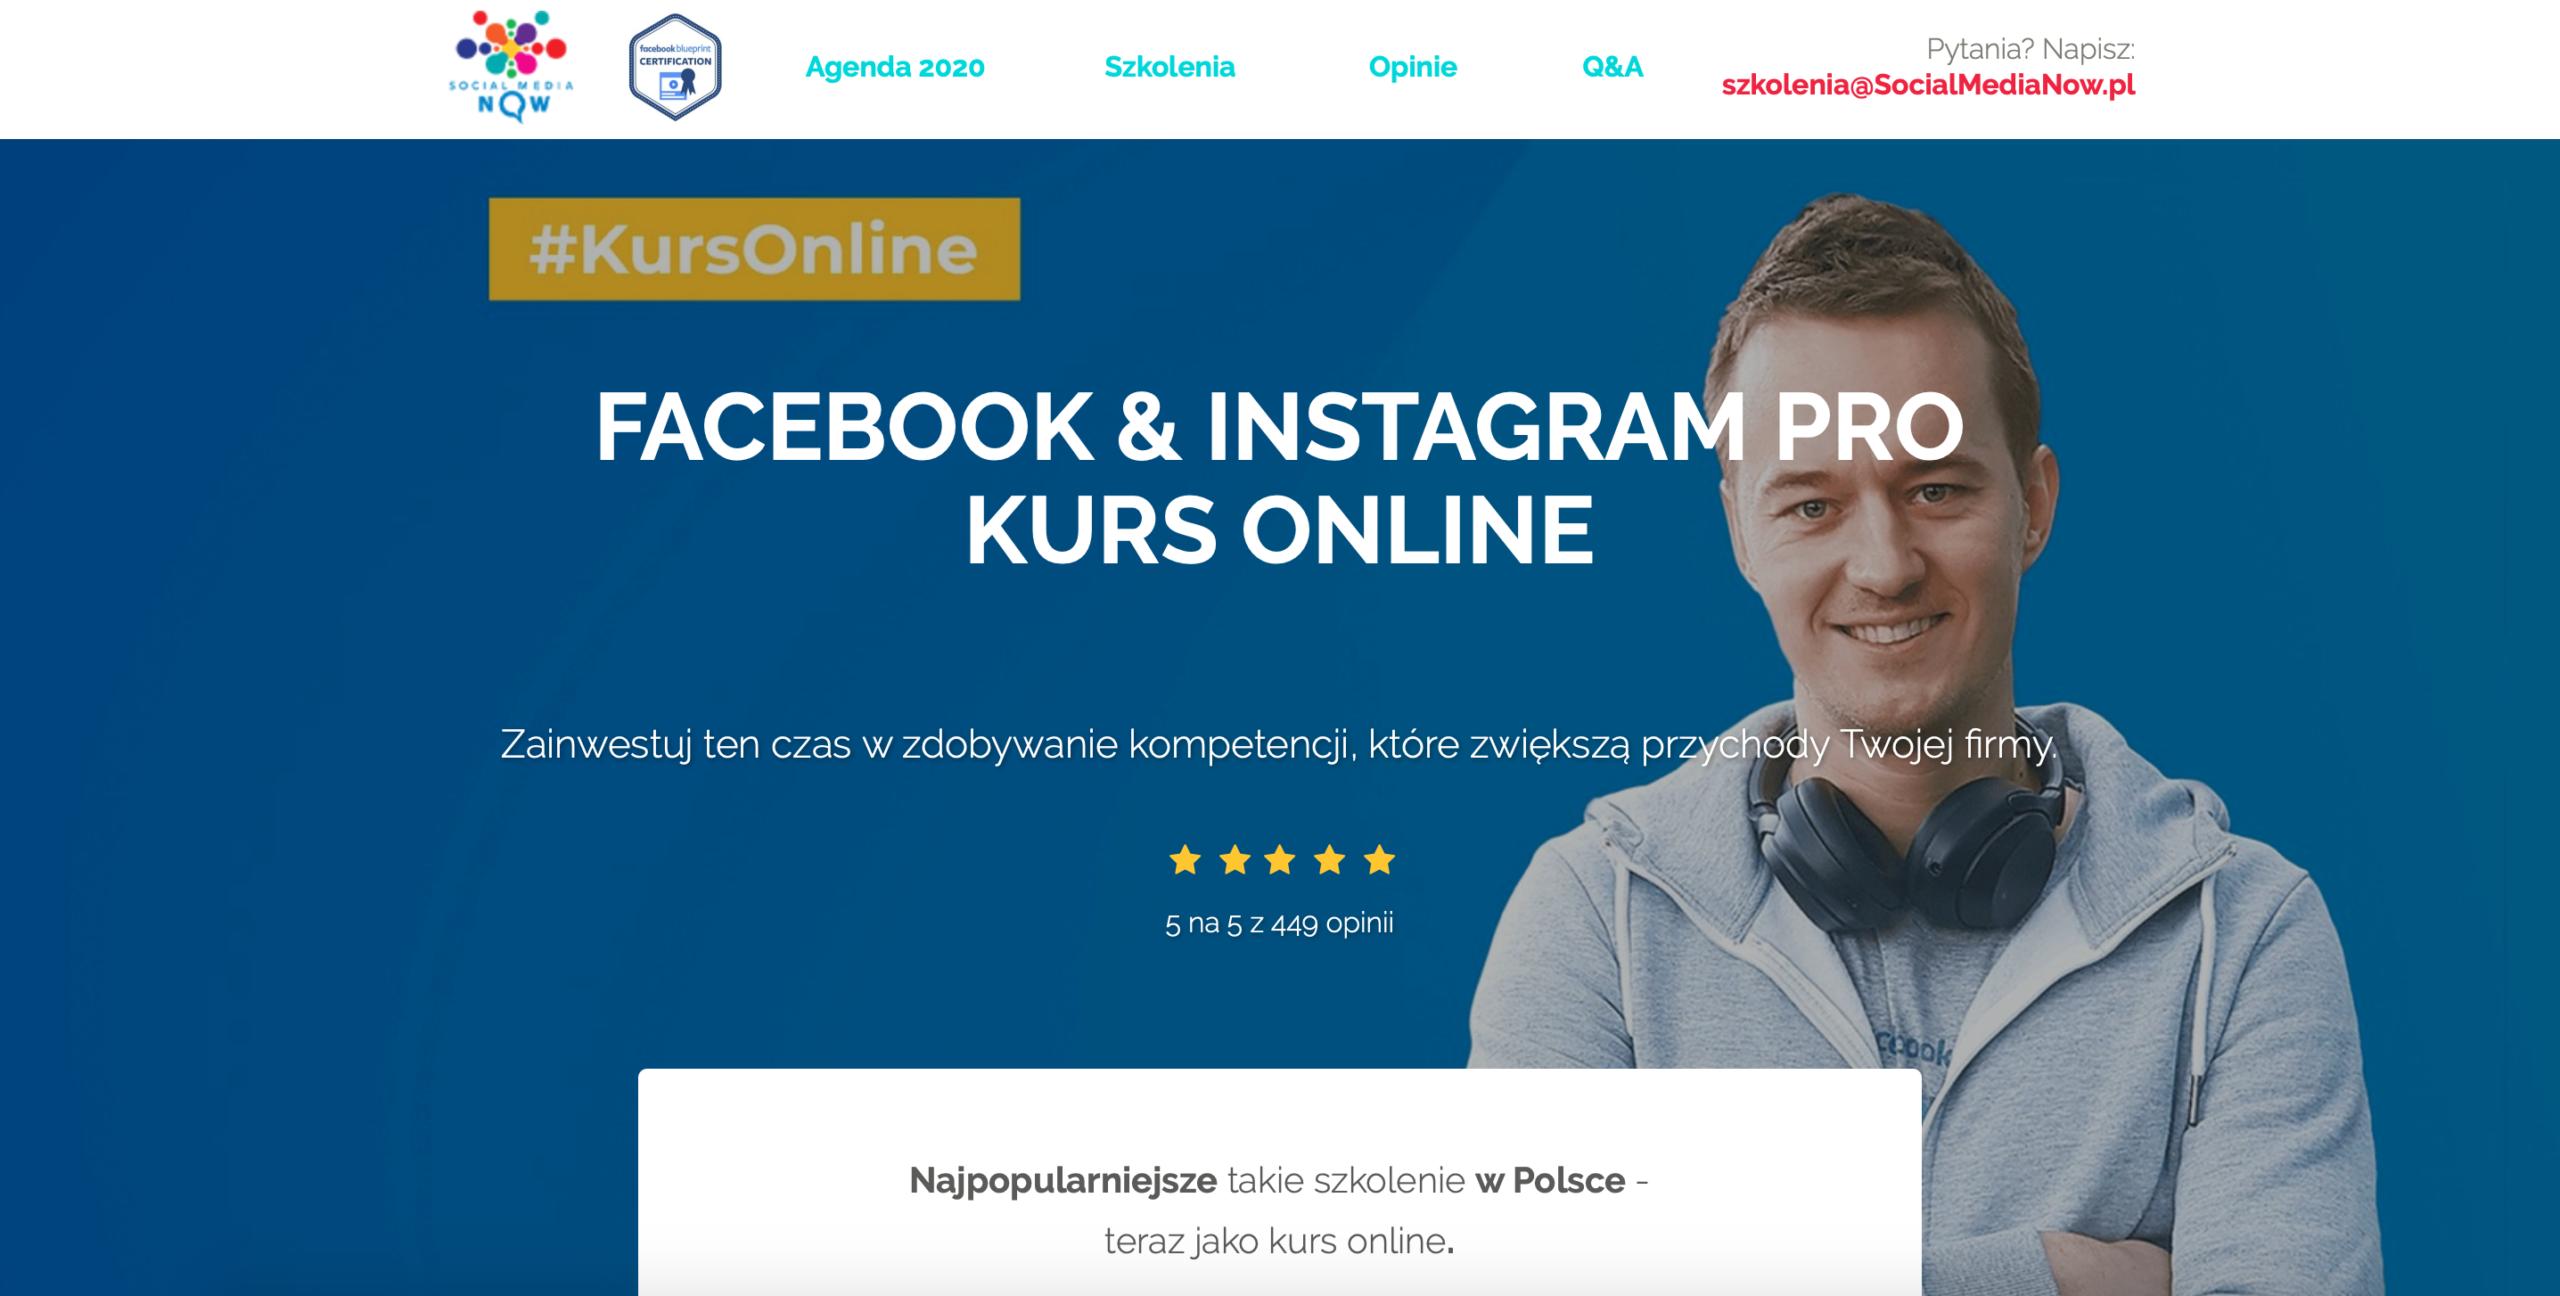 Kurs online Facebook & Instagram PRO